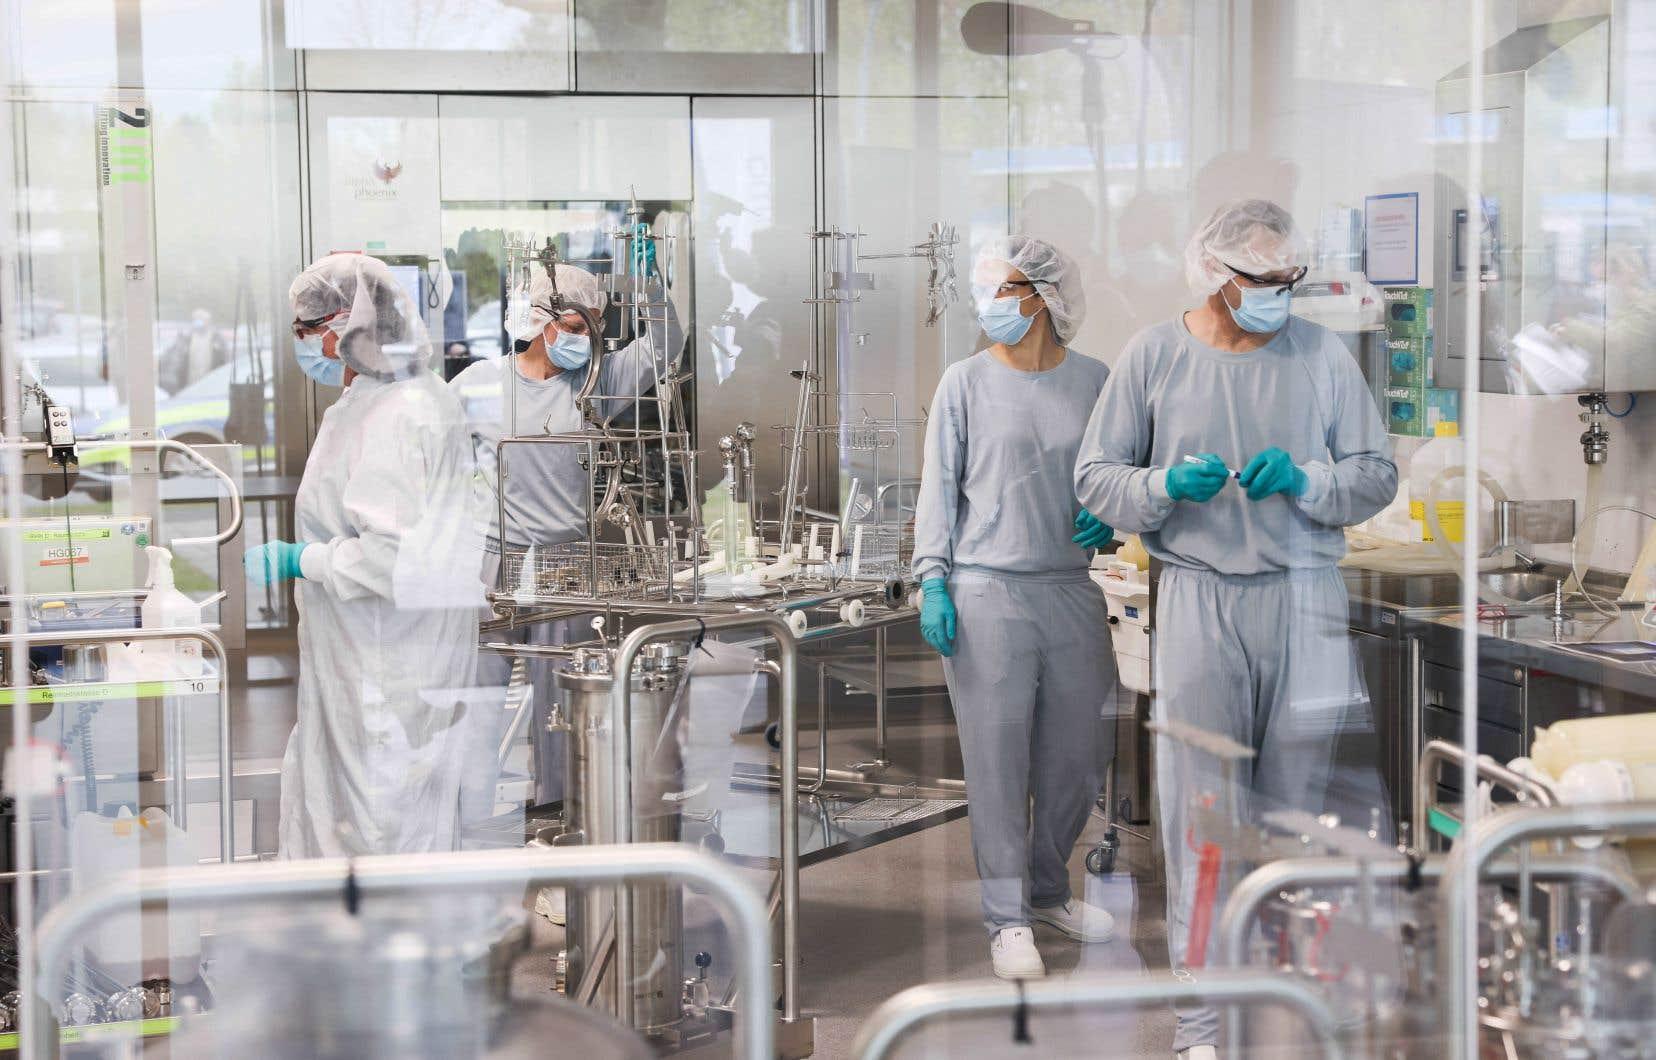 Le laboratoire explique avoir commencé en mars des tests sur «une version modifiée, spécifique aux variants» de son vaccin.